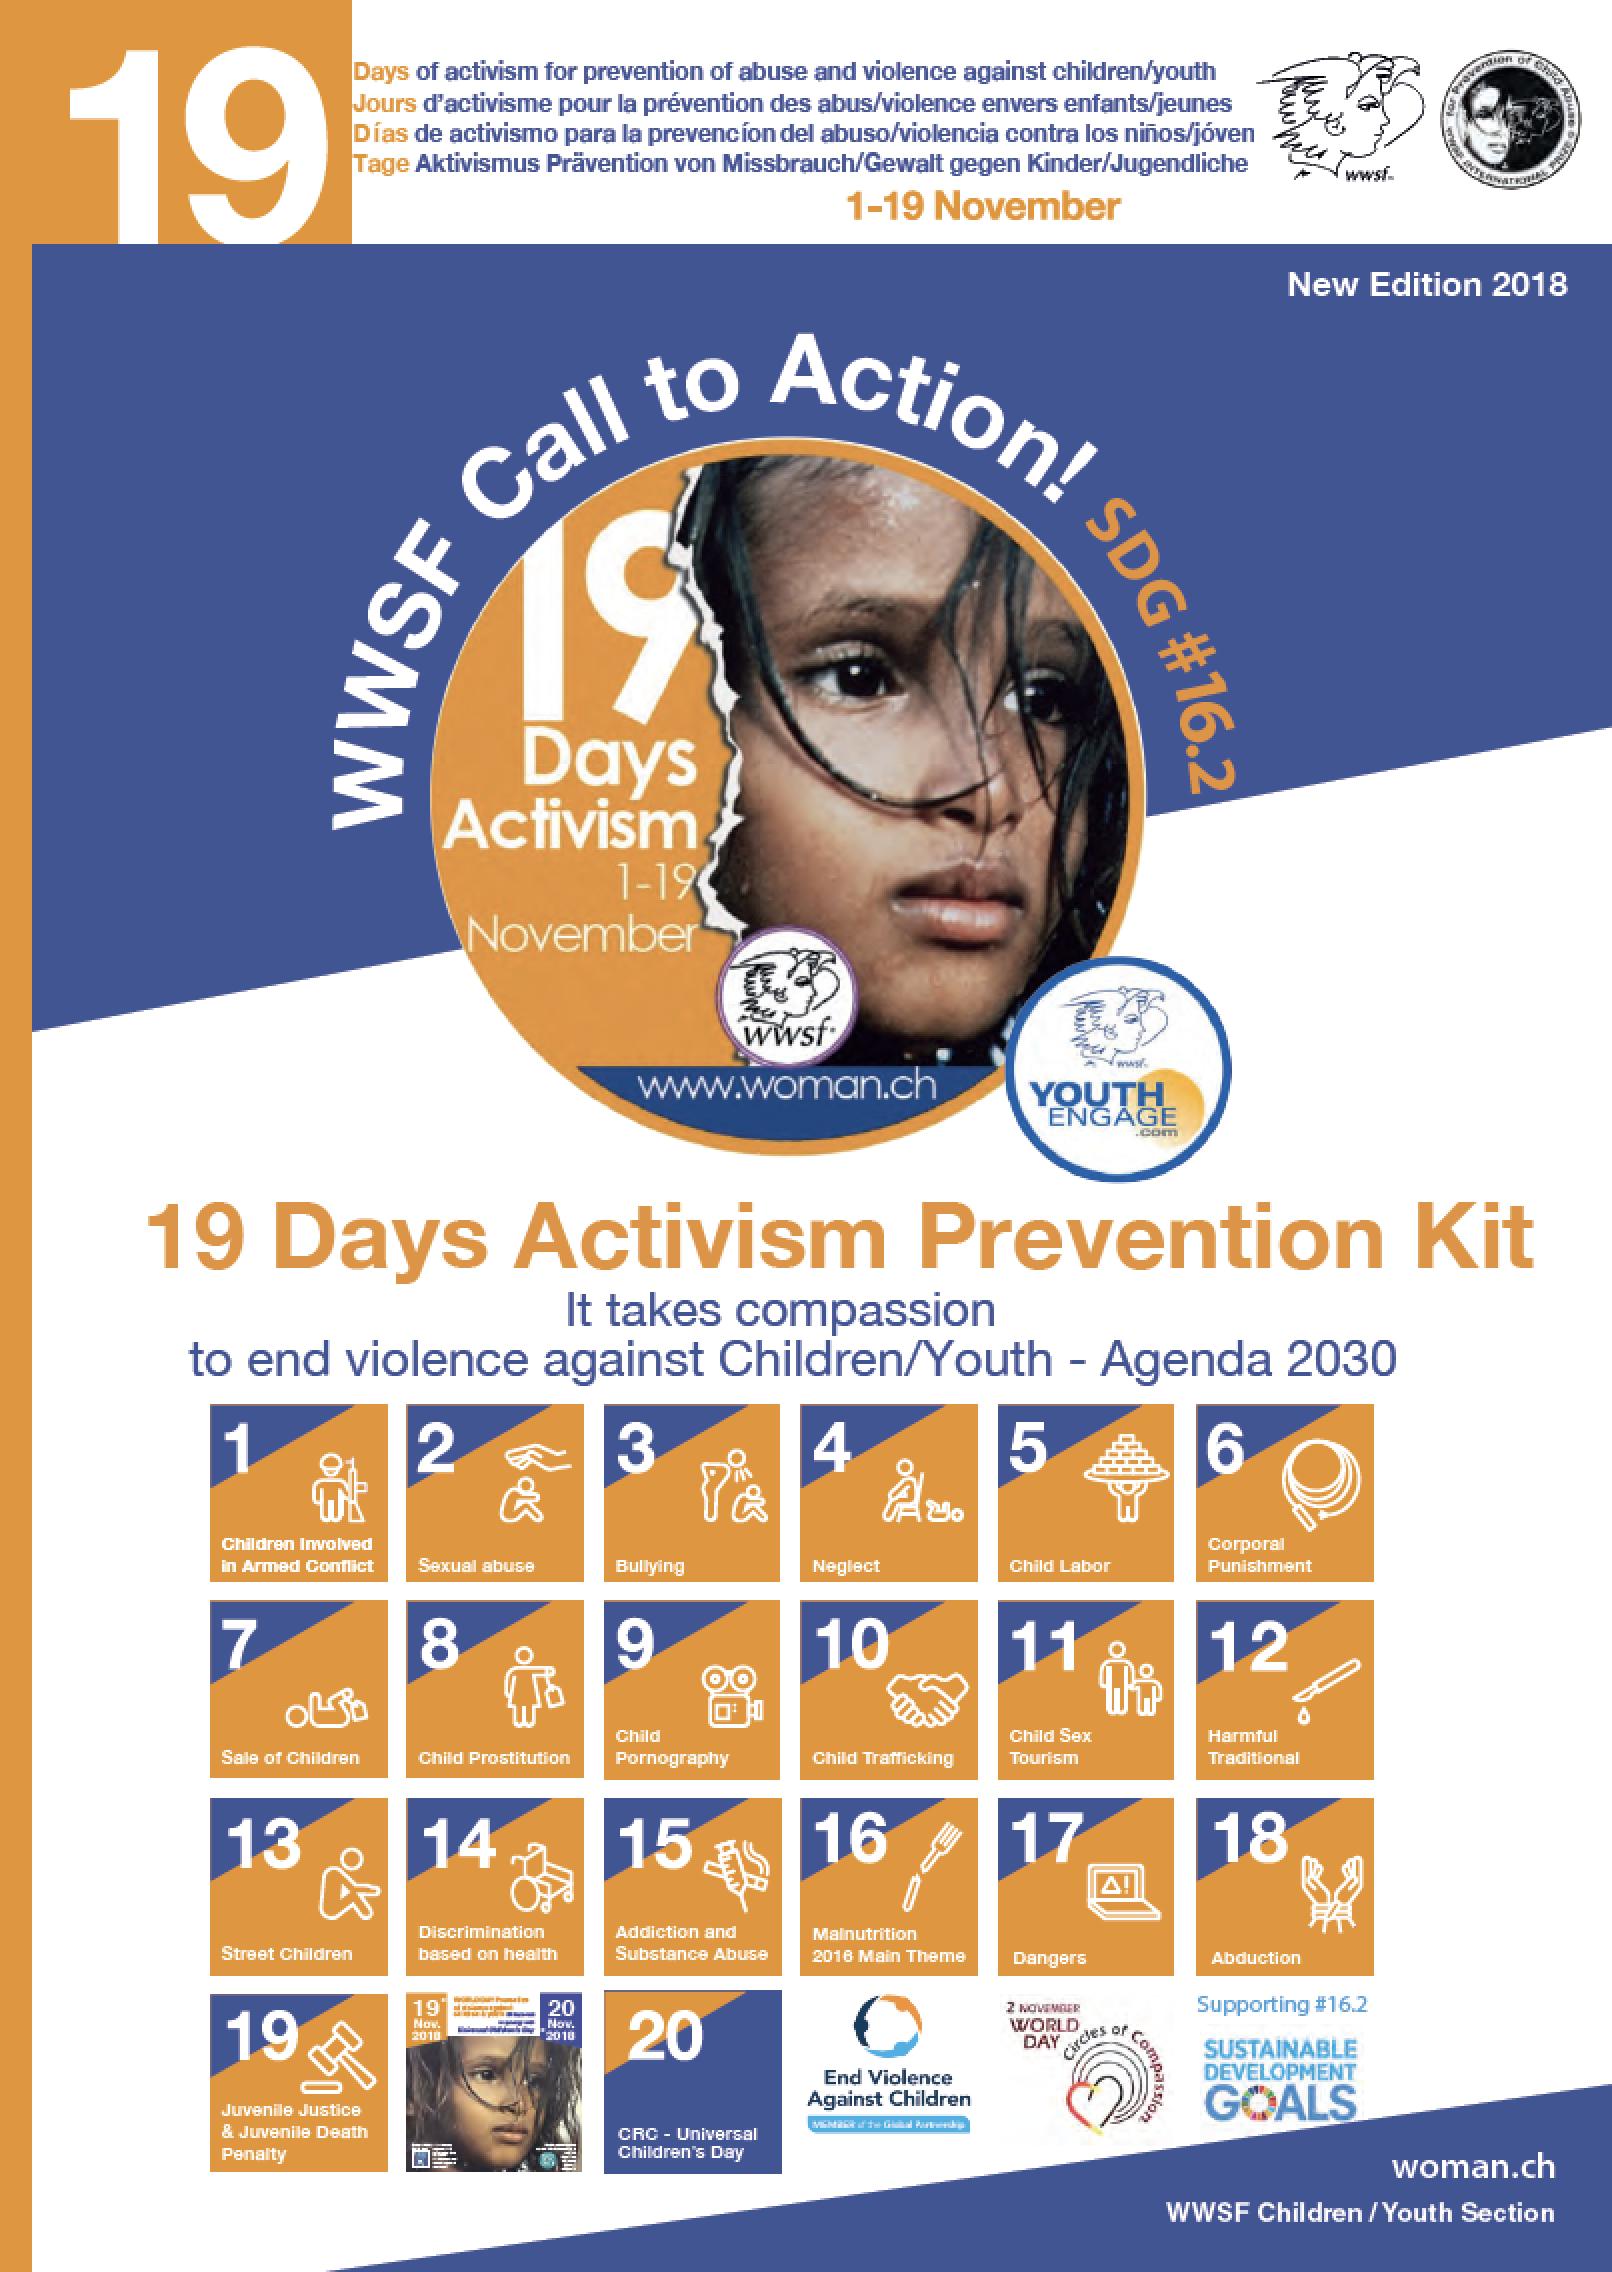 2018_prevention_kit_en.jpg